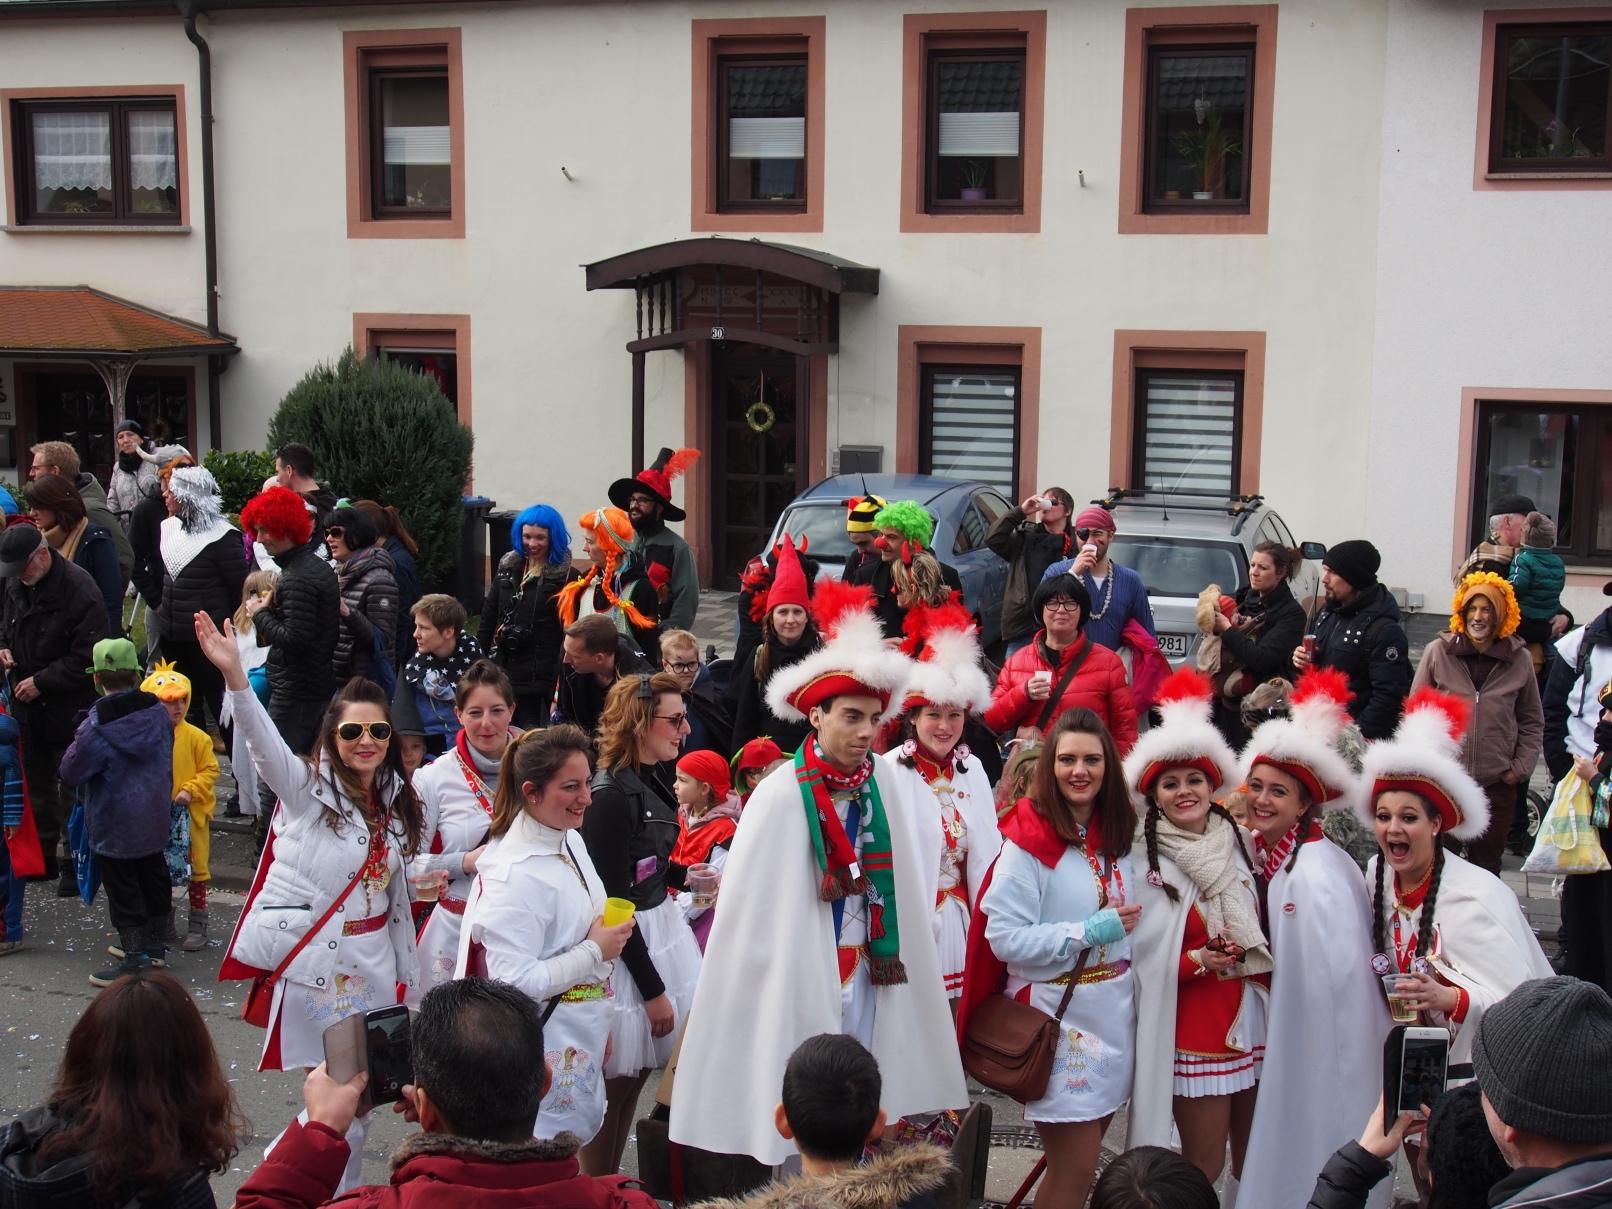 karneval_in_trier30.jpg